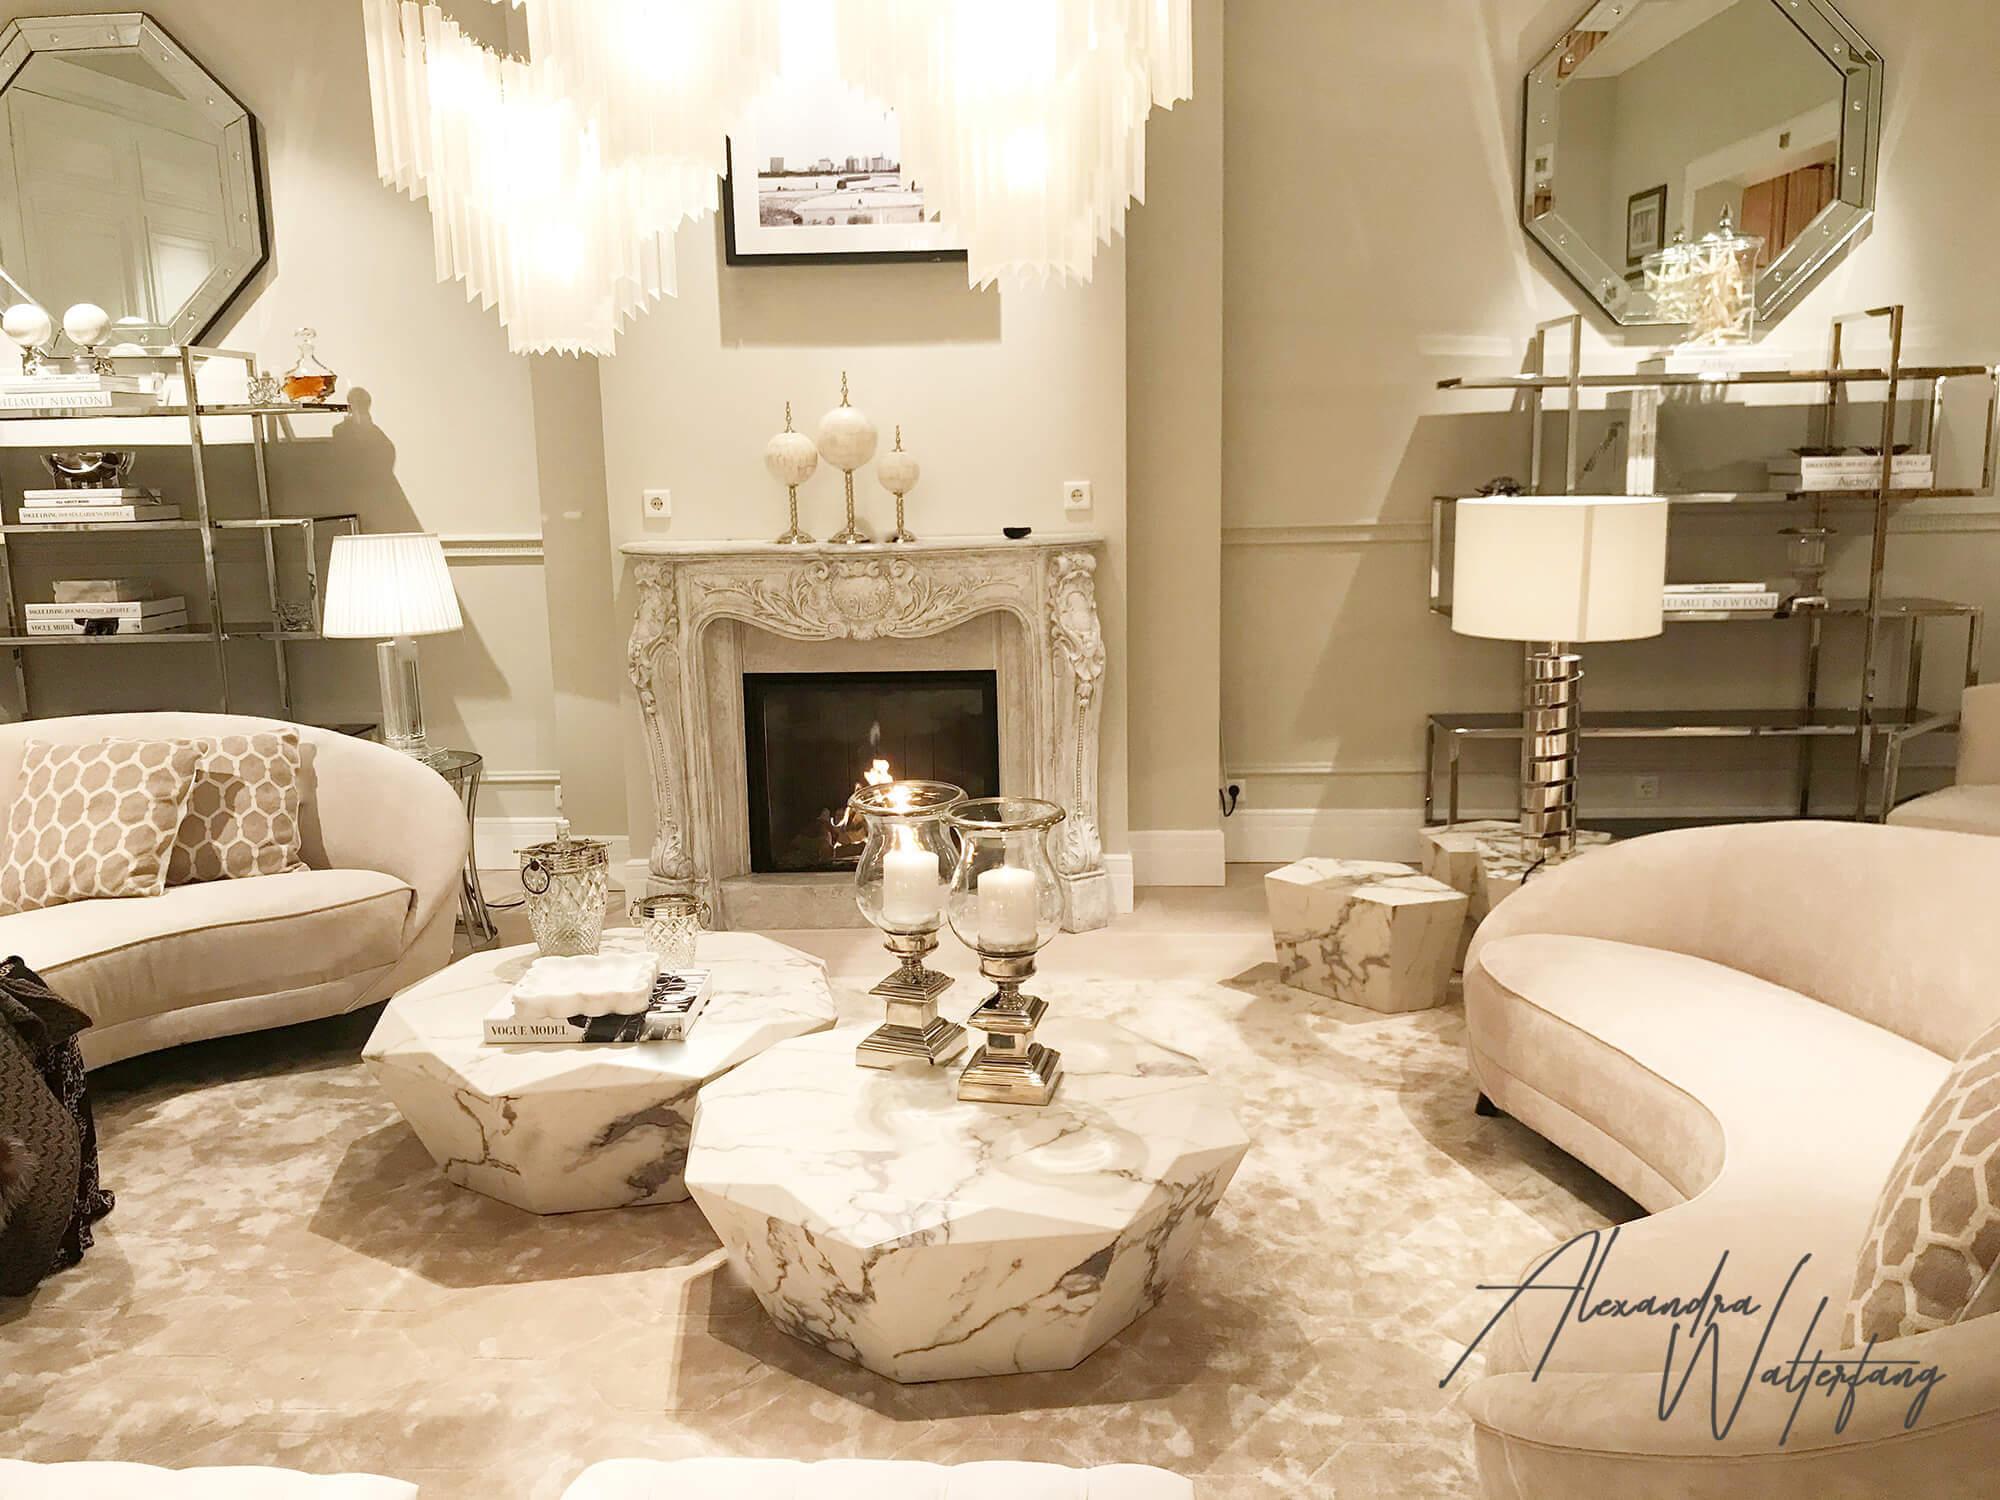 022.Bruma Immobilien Alexandra Walterfang Creative Home Design.jpg